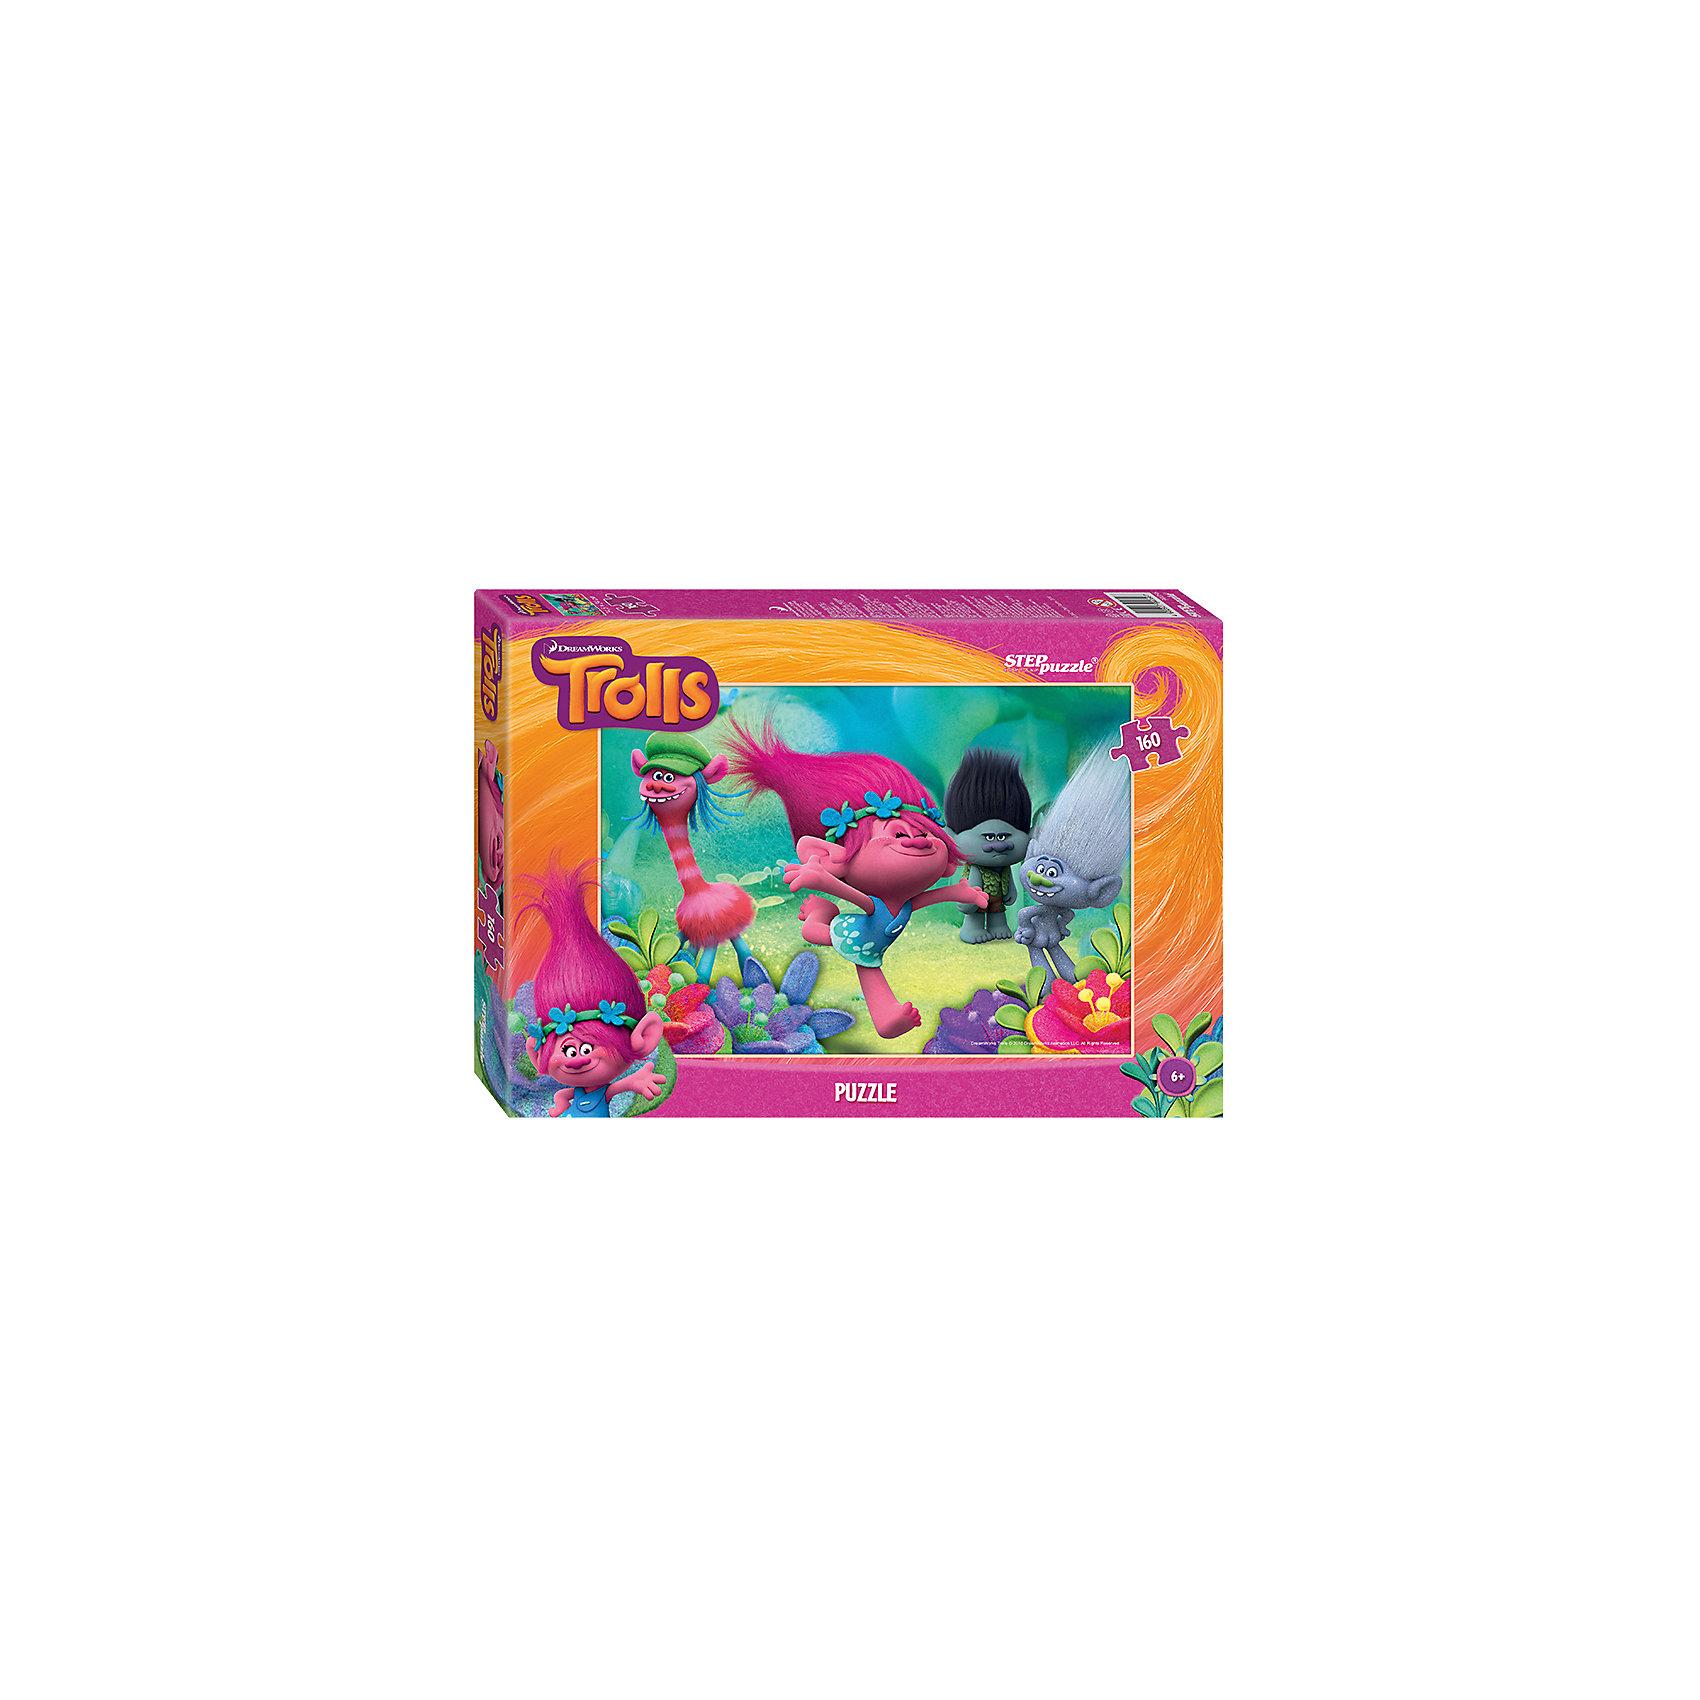 Пазл Тролли, 160 деталей, Step PuzzleТролли<br>Характеристики товара:<br><br>- цвет: разноцветный;<br>- материал: картон;<br>- размер деталей: 2х2,2 см;<br>- деталей: 160;<br>- высокая точность подгонки элементов;<br>- размер собранного изображения: 34,5?24 см;<br>- отличное качество печати;<br>- упаковка: коробка.<br><br>Собирать пазлы любят и дети, и взрослые! Это занятие может не только позволять весело проводить время, но и помогать всестороннему развитию ребенка. Изделие представляет собой детали, из которых нужно собрать очень красивую картинку. Все детали отлично проработаны, готовое изображение можно даже зафиксировать на бумаге и украсить им интерьер!<br>Собирание пазлов поможет формированию разных навыков, оно помогает развить тактильное восприятие, мелкую моторику, воображение, внимание и логику. Изделие произведено из качественных материалов, безопасных для ребенка. Набор станет отличным подарком детям!<br><br>Пазл Тролли, 160 деталей, от бренда Step Puzzle можно купить в нашем интернет-магазине.<br><br>Ширина мм: 280<br>Глубина мм: 195<br>Высота мм: 40<br>Вес г: 230<br>Возраст от месяцев: 36<br>Возраст до месяцев: 120<br>Пол: Унисекс<br>Возраст: Детский<br>SKU: 5138188